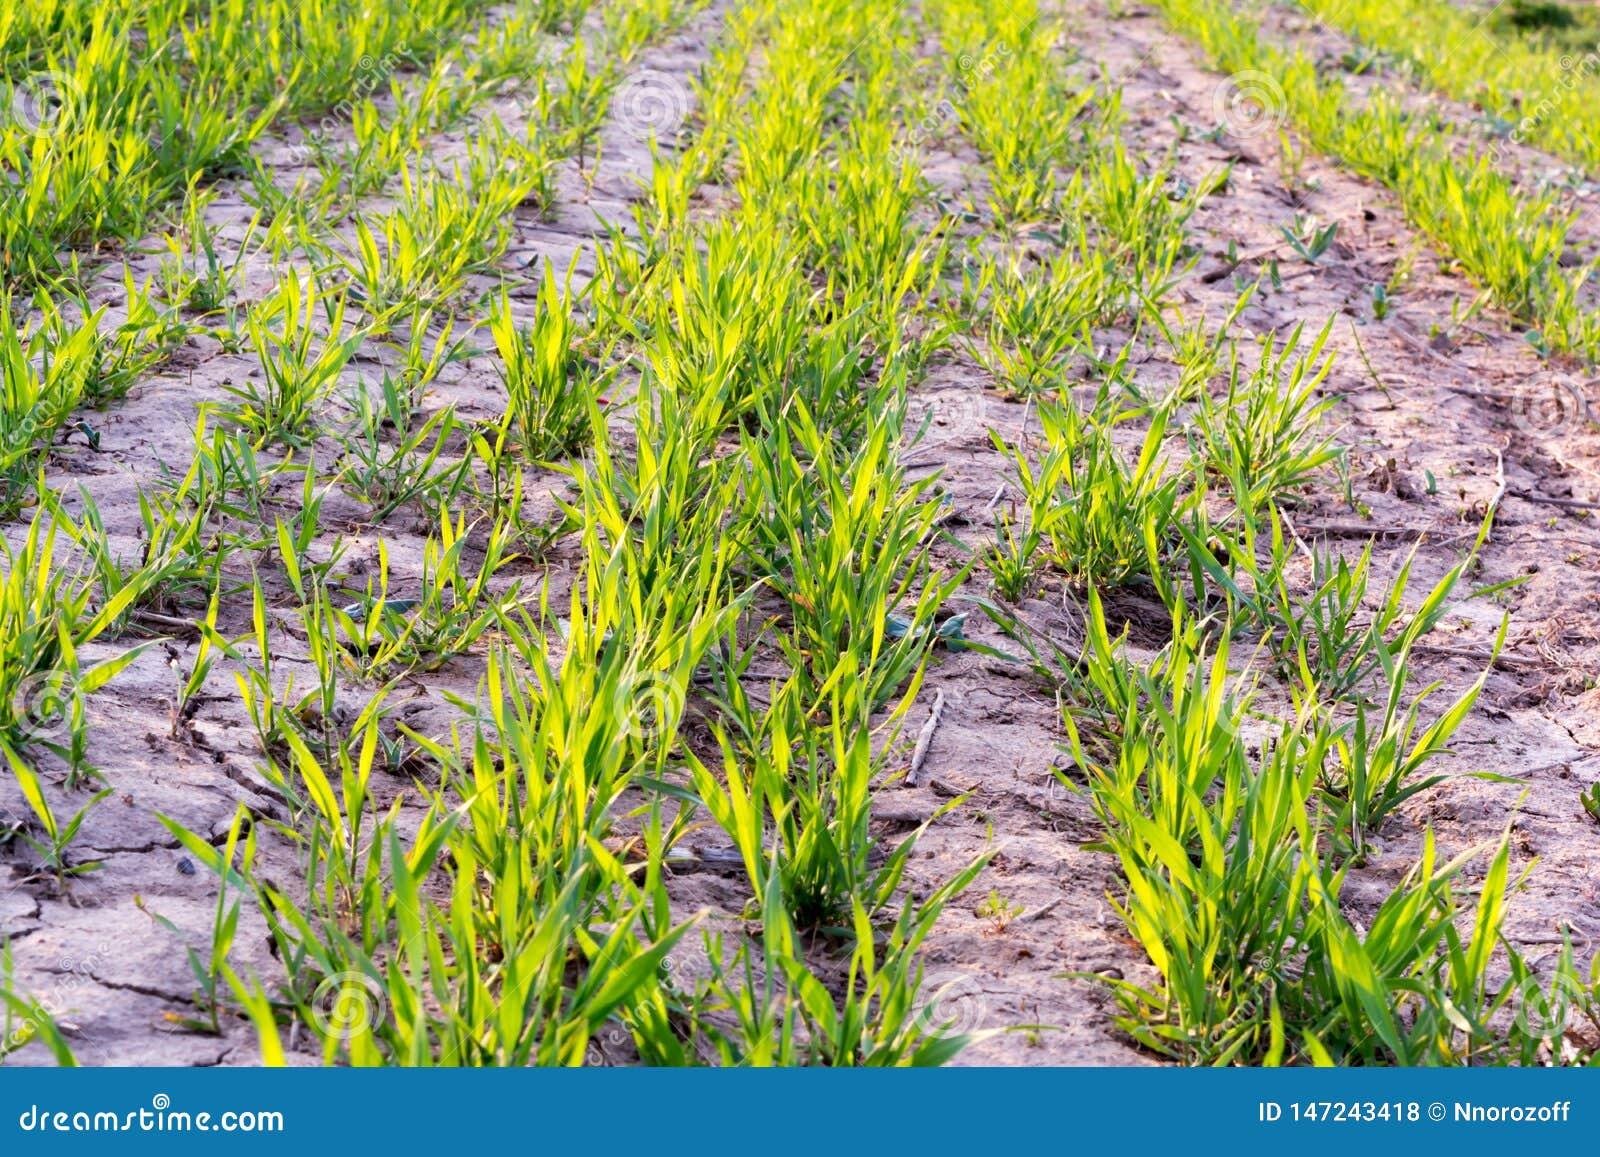 Kiełkowanie zboże rośliny Zboże flance właśnie zaczynali kiełkować od ziemi Zielone flanc linie